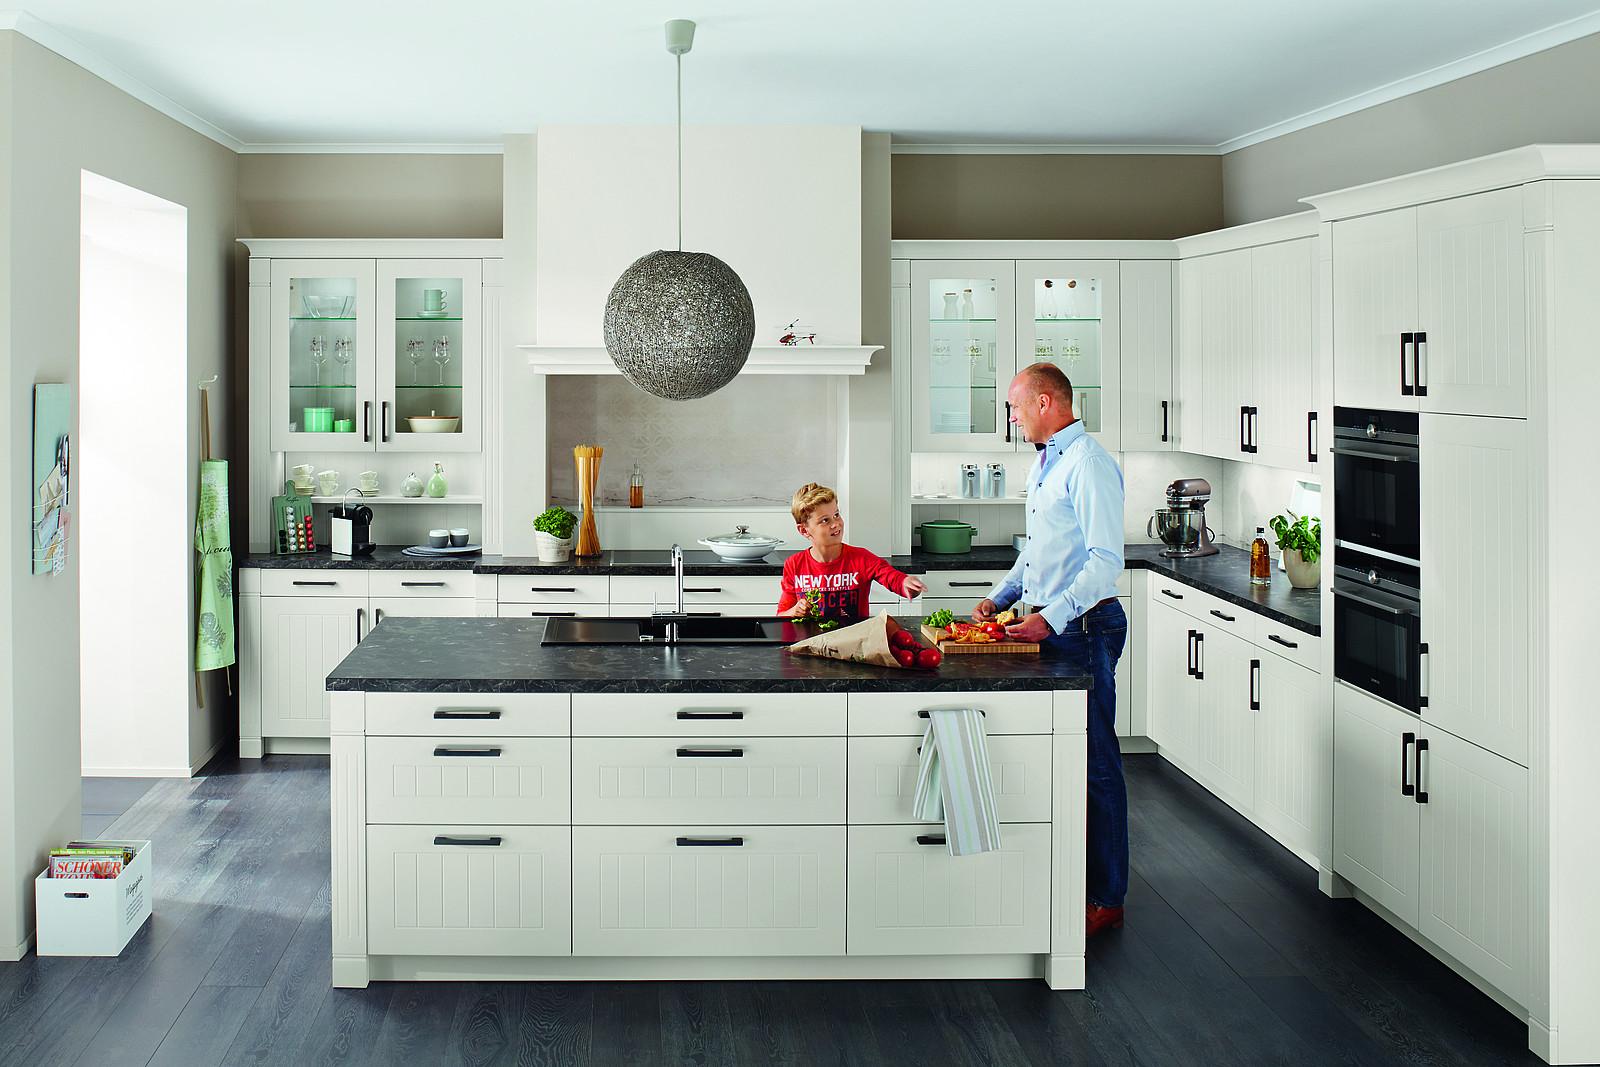 Full Size of Kleine Einbauküche Mit Elektrogeräten Kleine Einbauküche Poco Kleine Einbauküche Ebay Kleine Einbauküche Gebraucht Küche Kleine Einbauküche